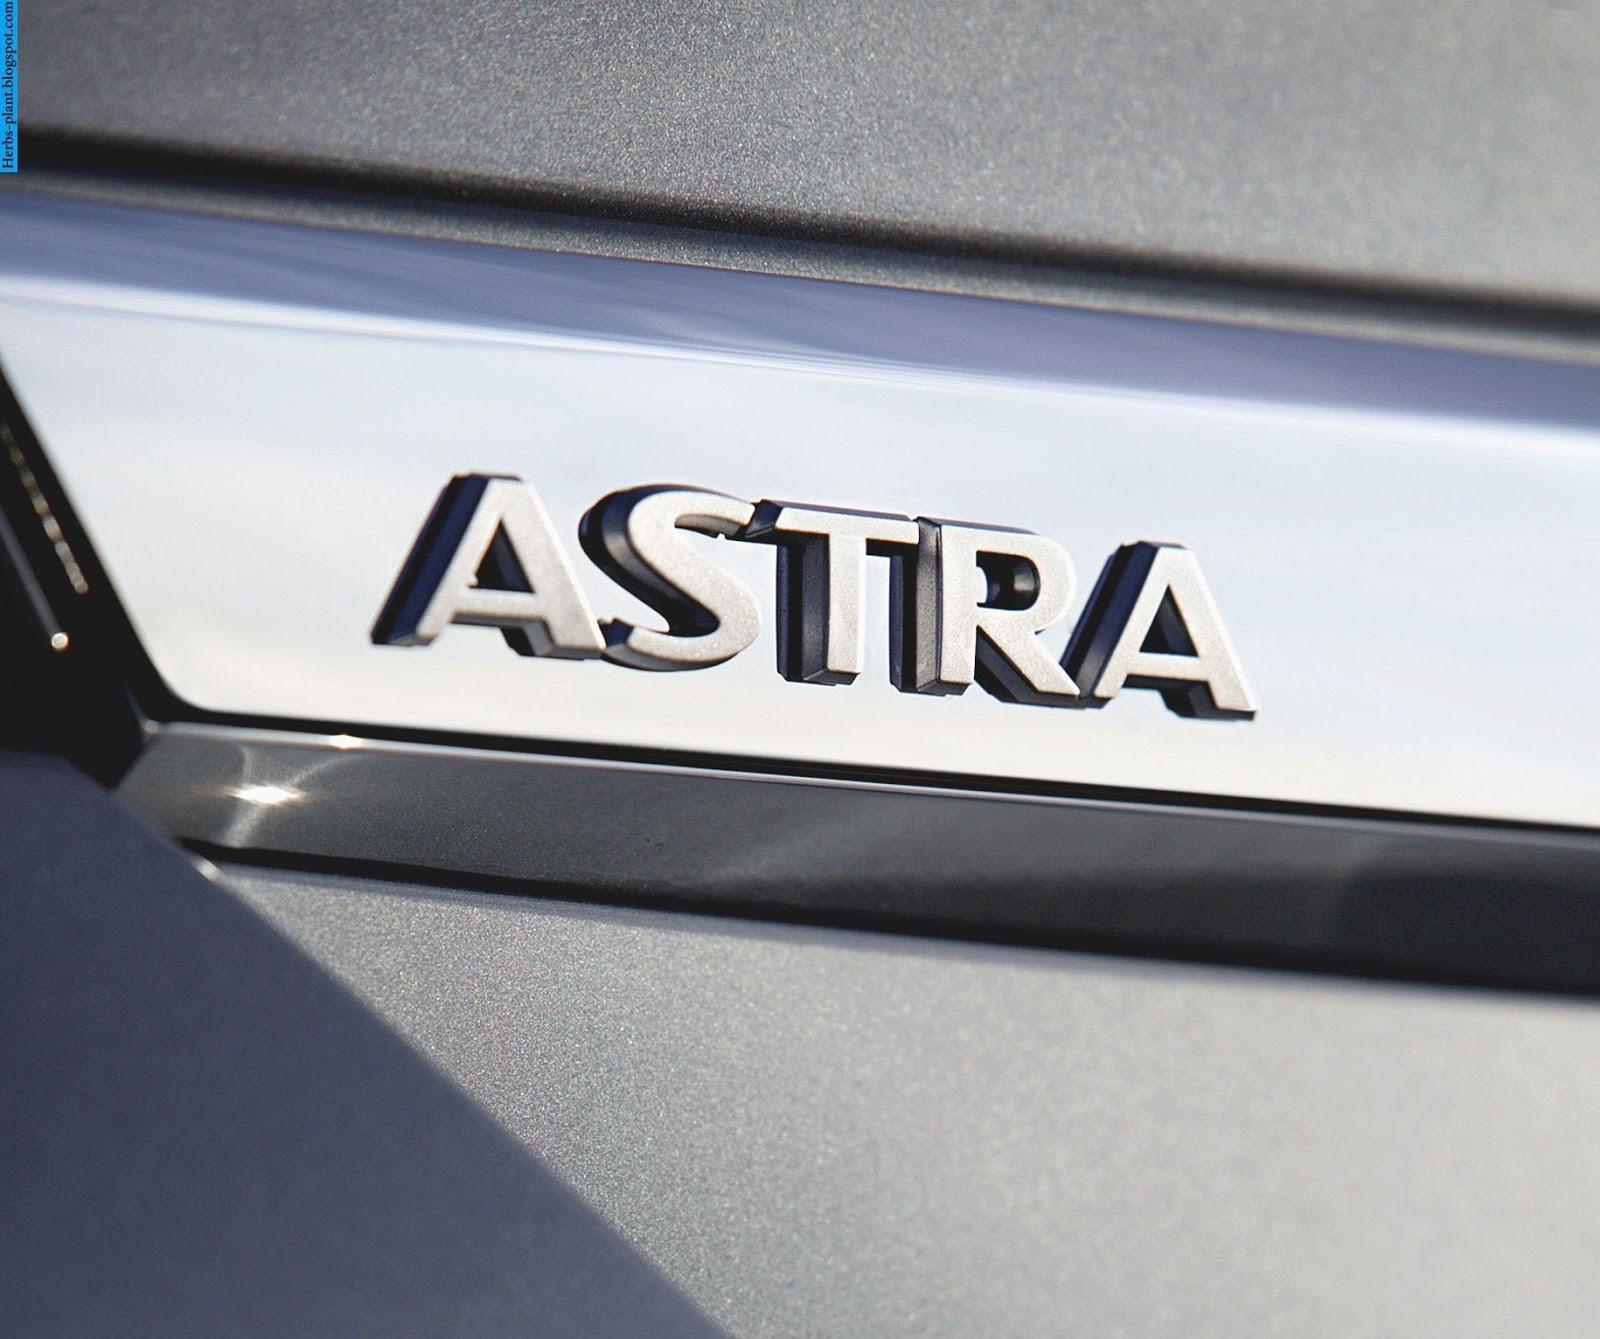 Opel astra car 2013 logo - صور شعار سيارة اوبل استرا 2013